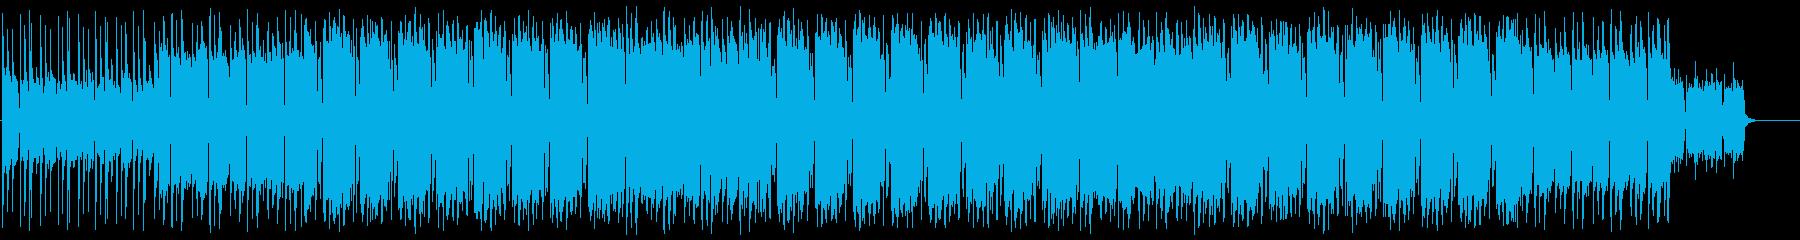 大人・オシャレな雰囲気のスイングジャズの再生済みの波形